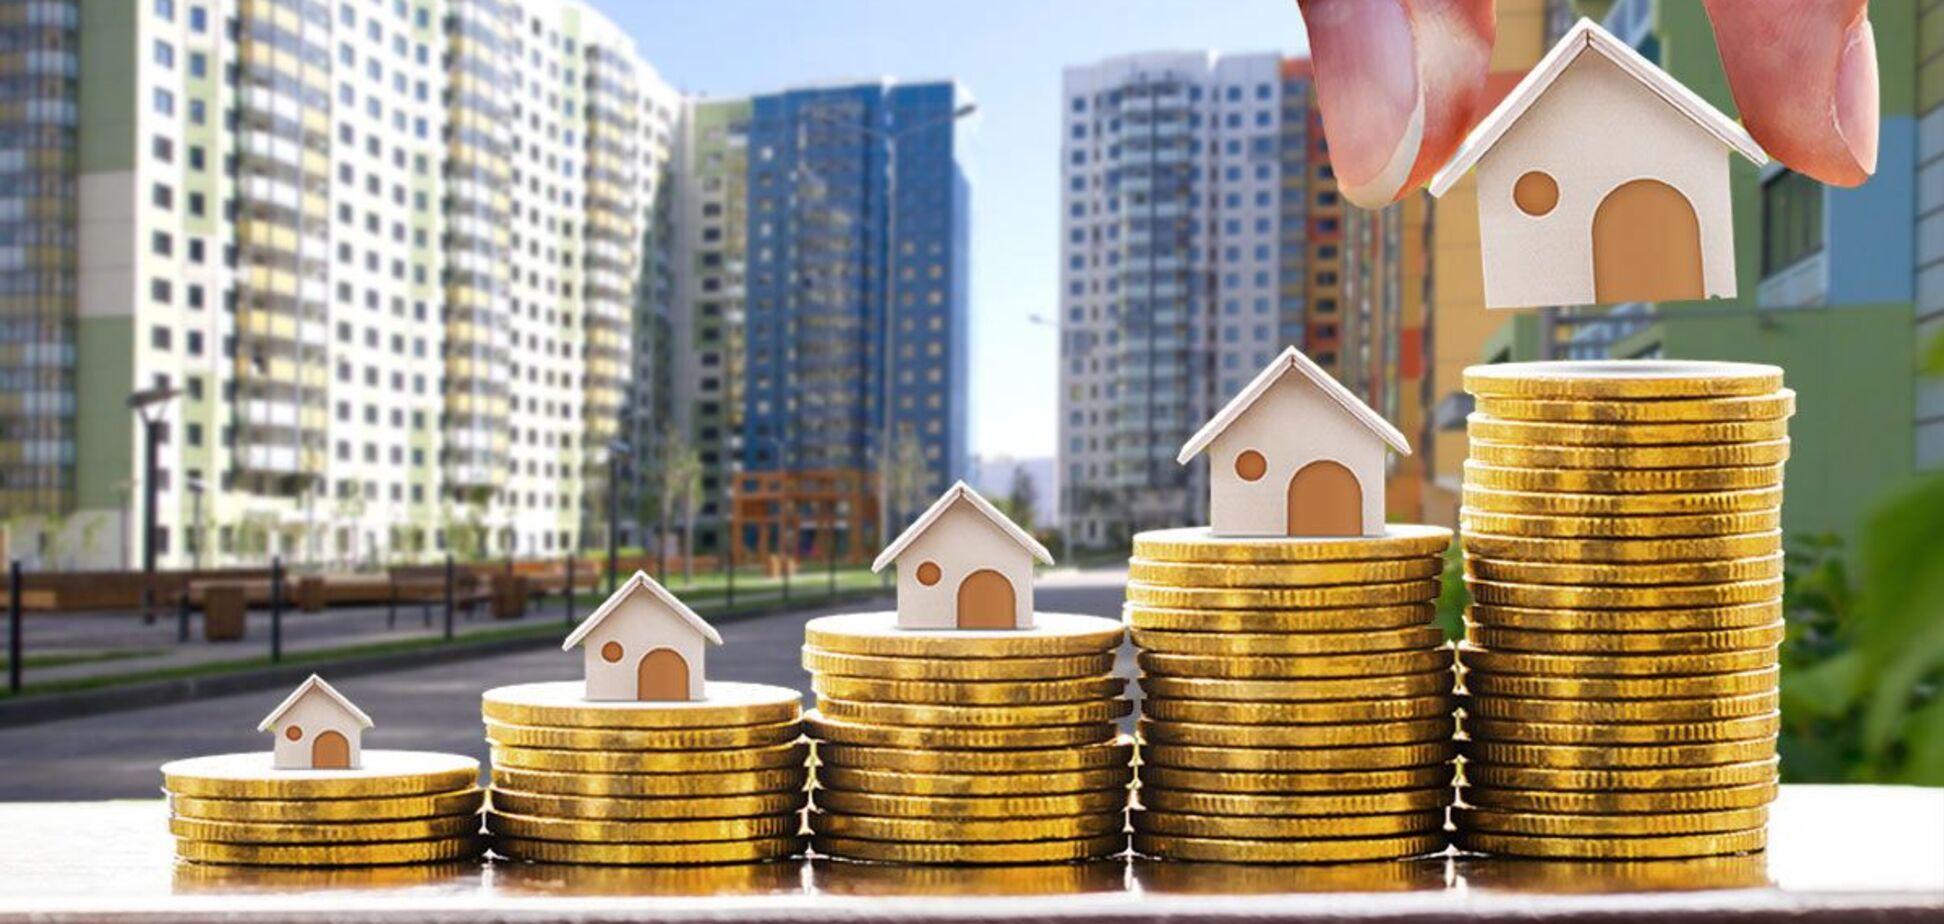 За два місяці ціни на житло виросли ще на 2,5% - дослідження